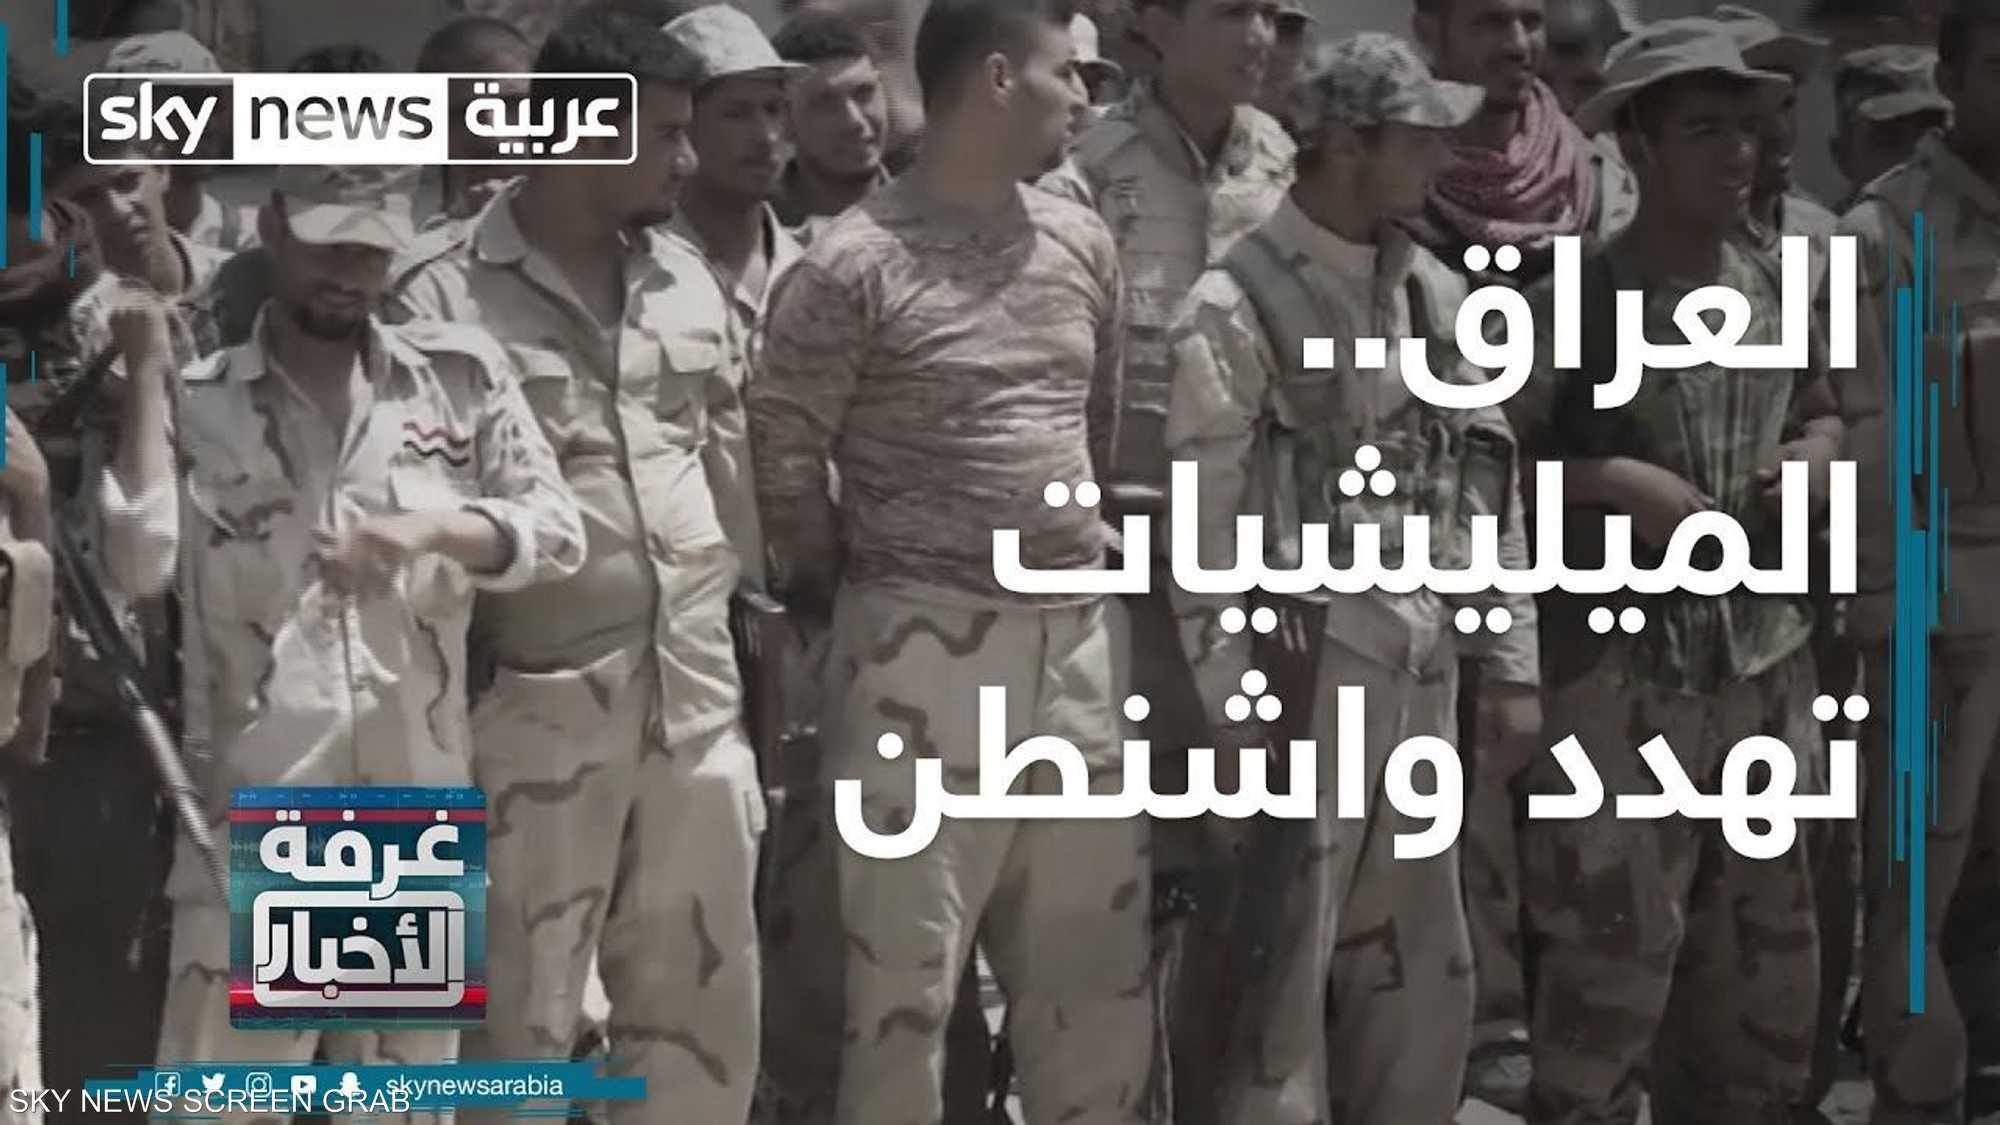 العراق.. الميليشيات تهدد واشنطن